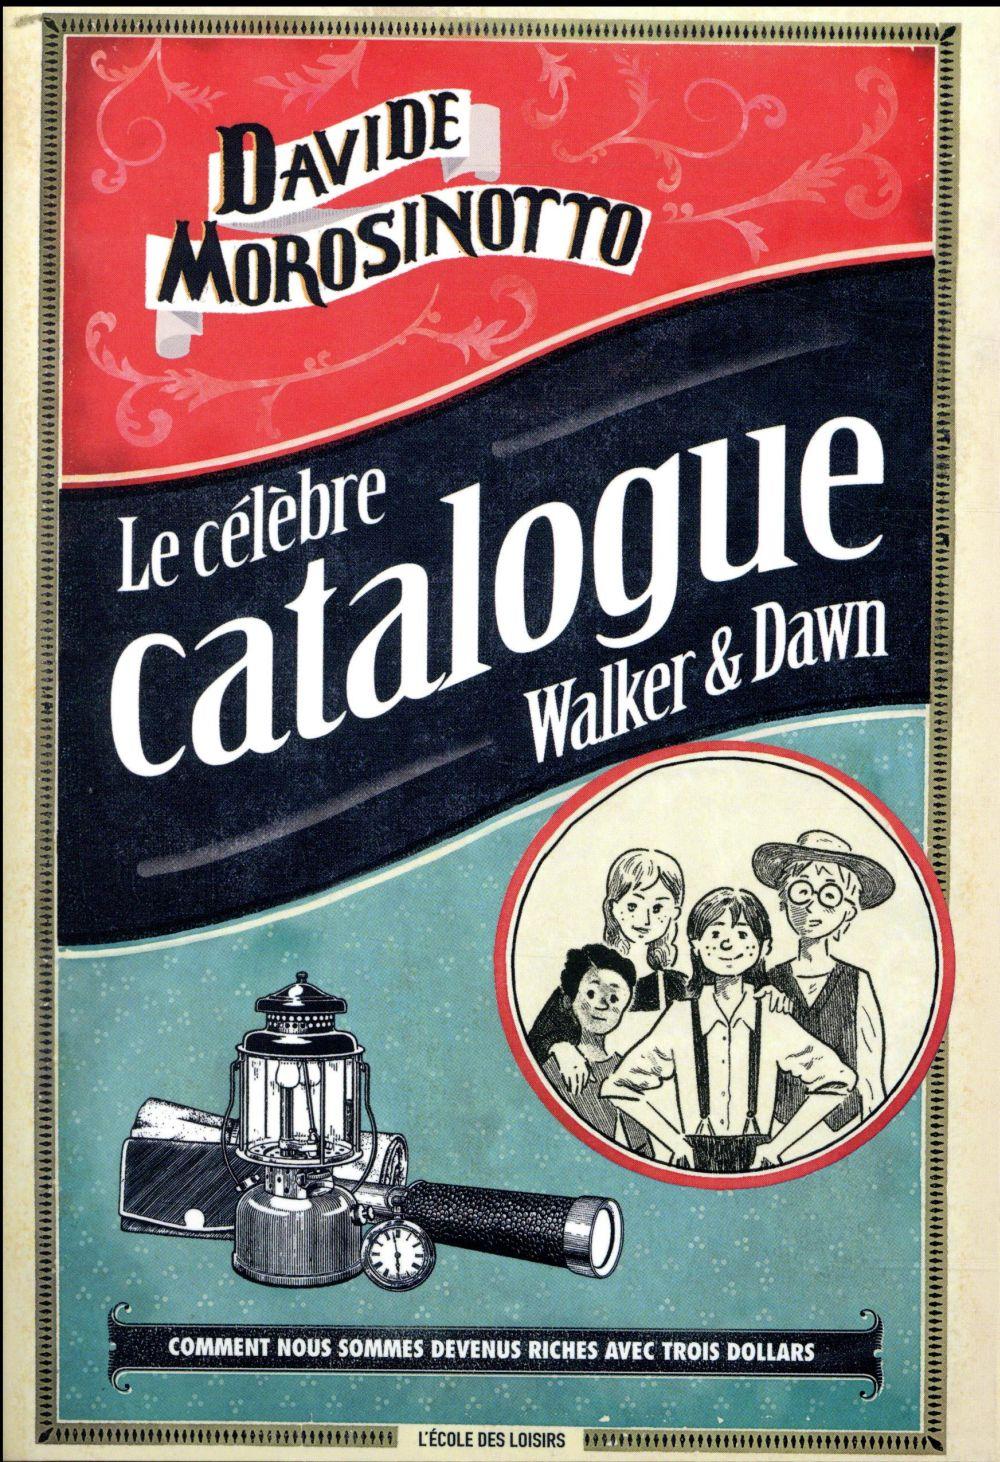 Le célèbre catalogue Walker & Dawn ; comment nous sommes devenus riches avec trois dollars